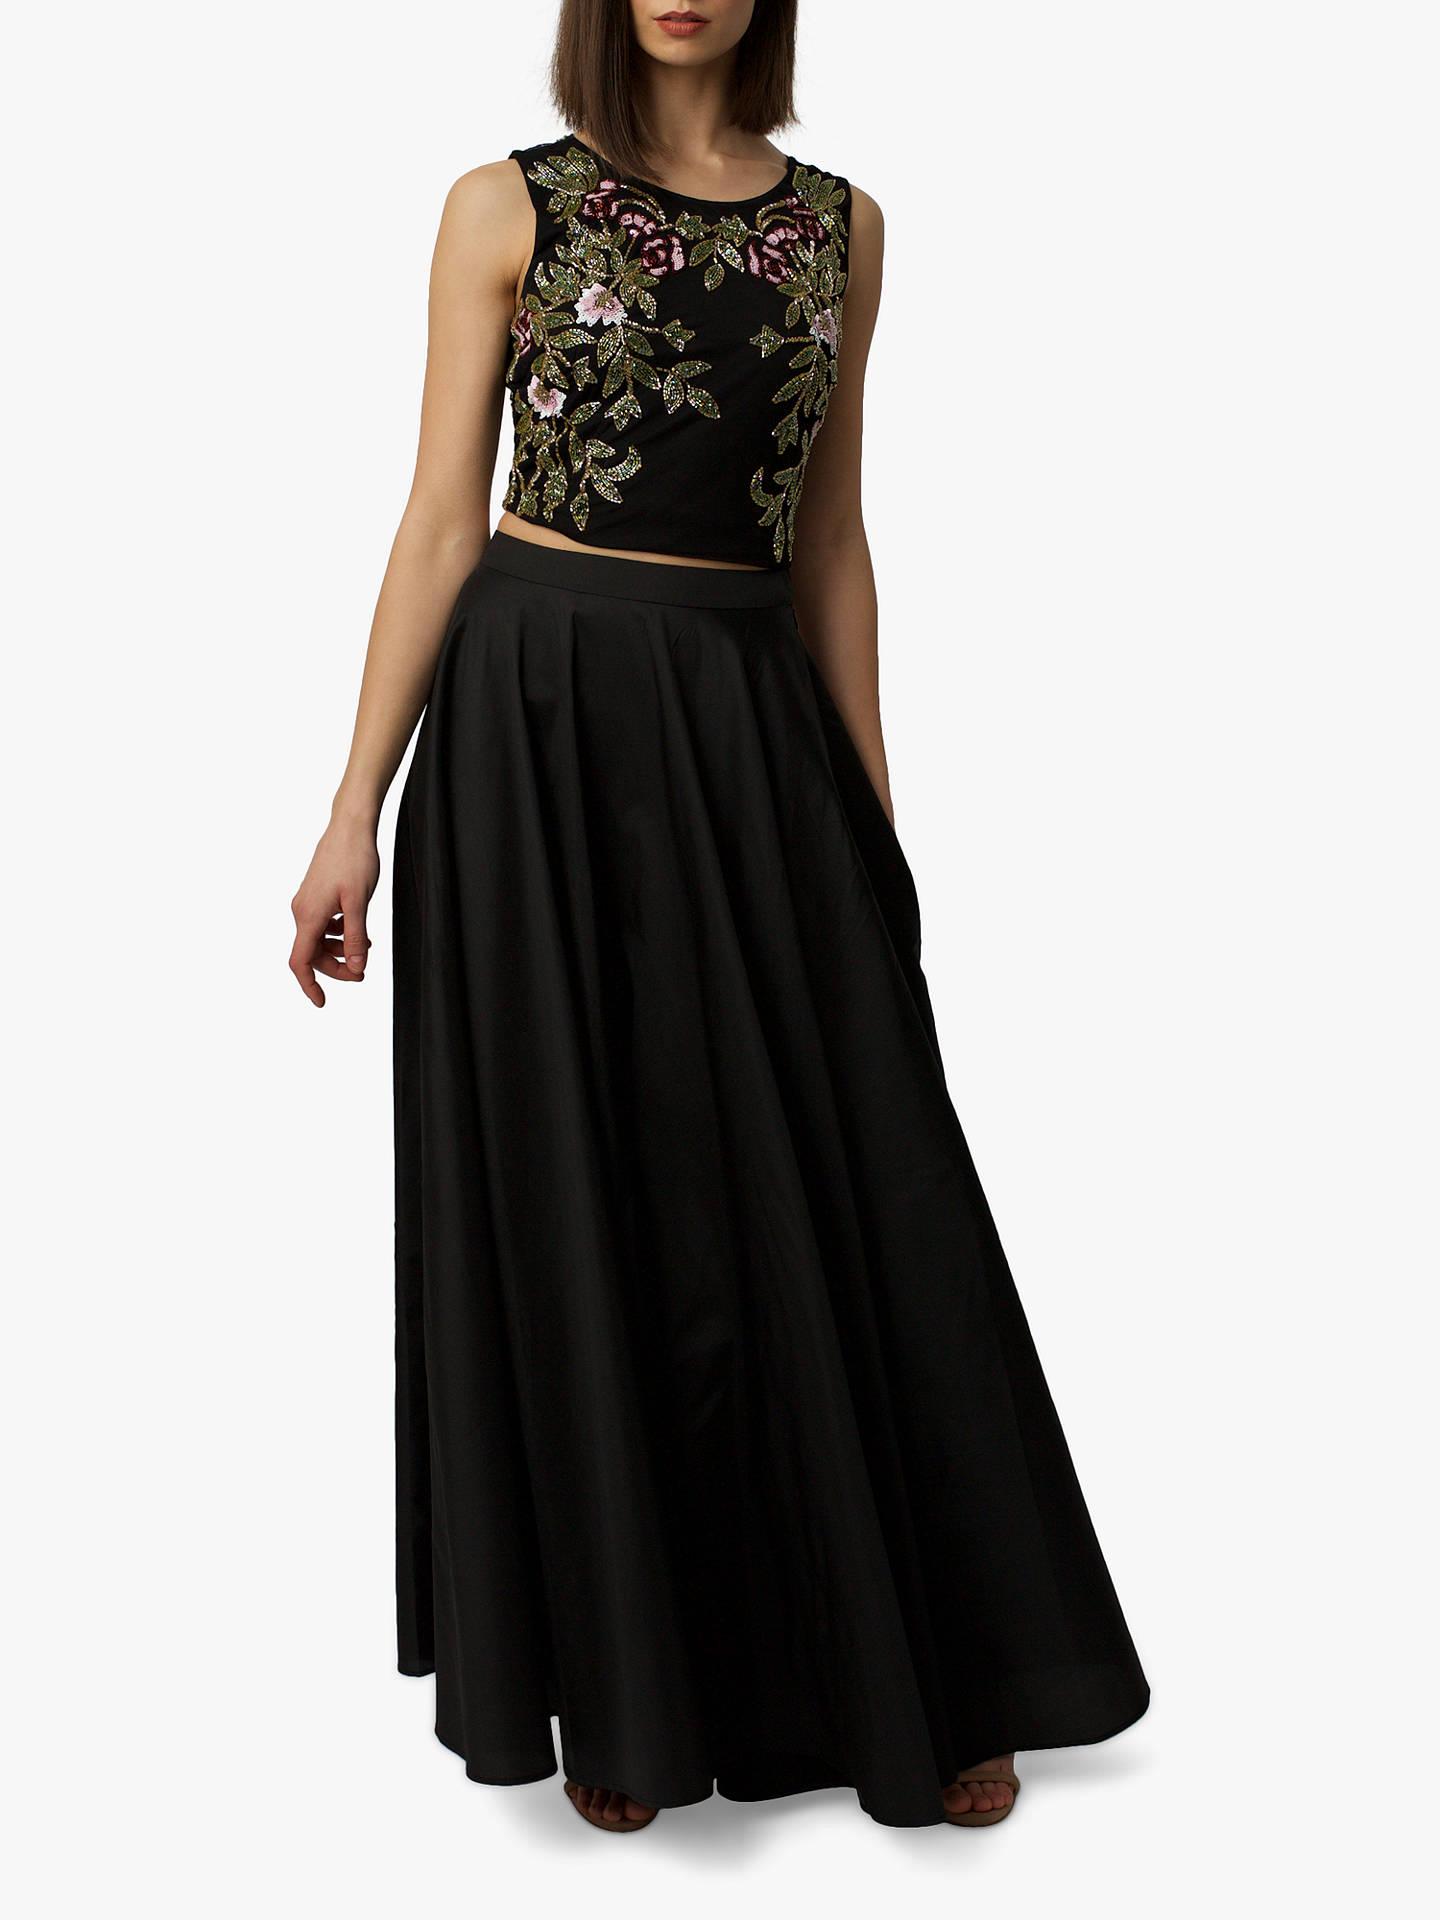 BuyRaishma Taffeta Maxi Skirt d5fff4db9b1